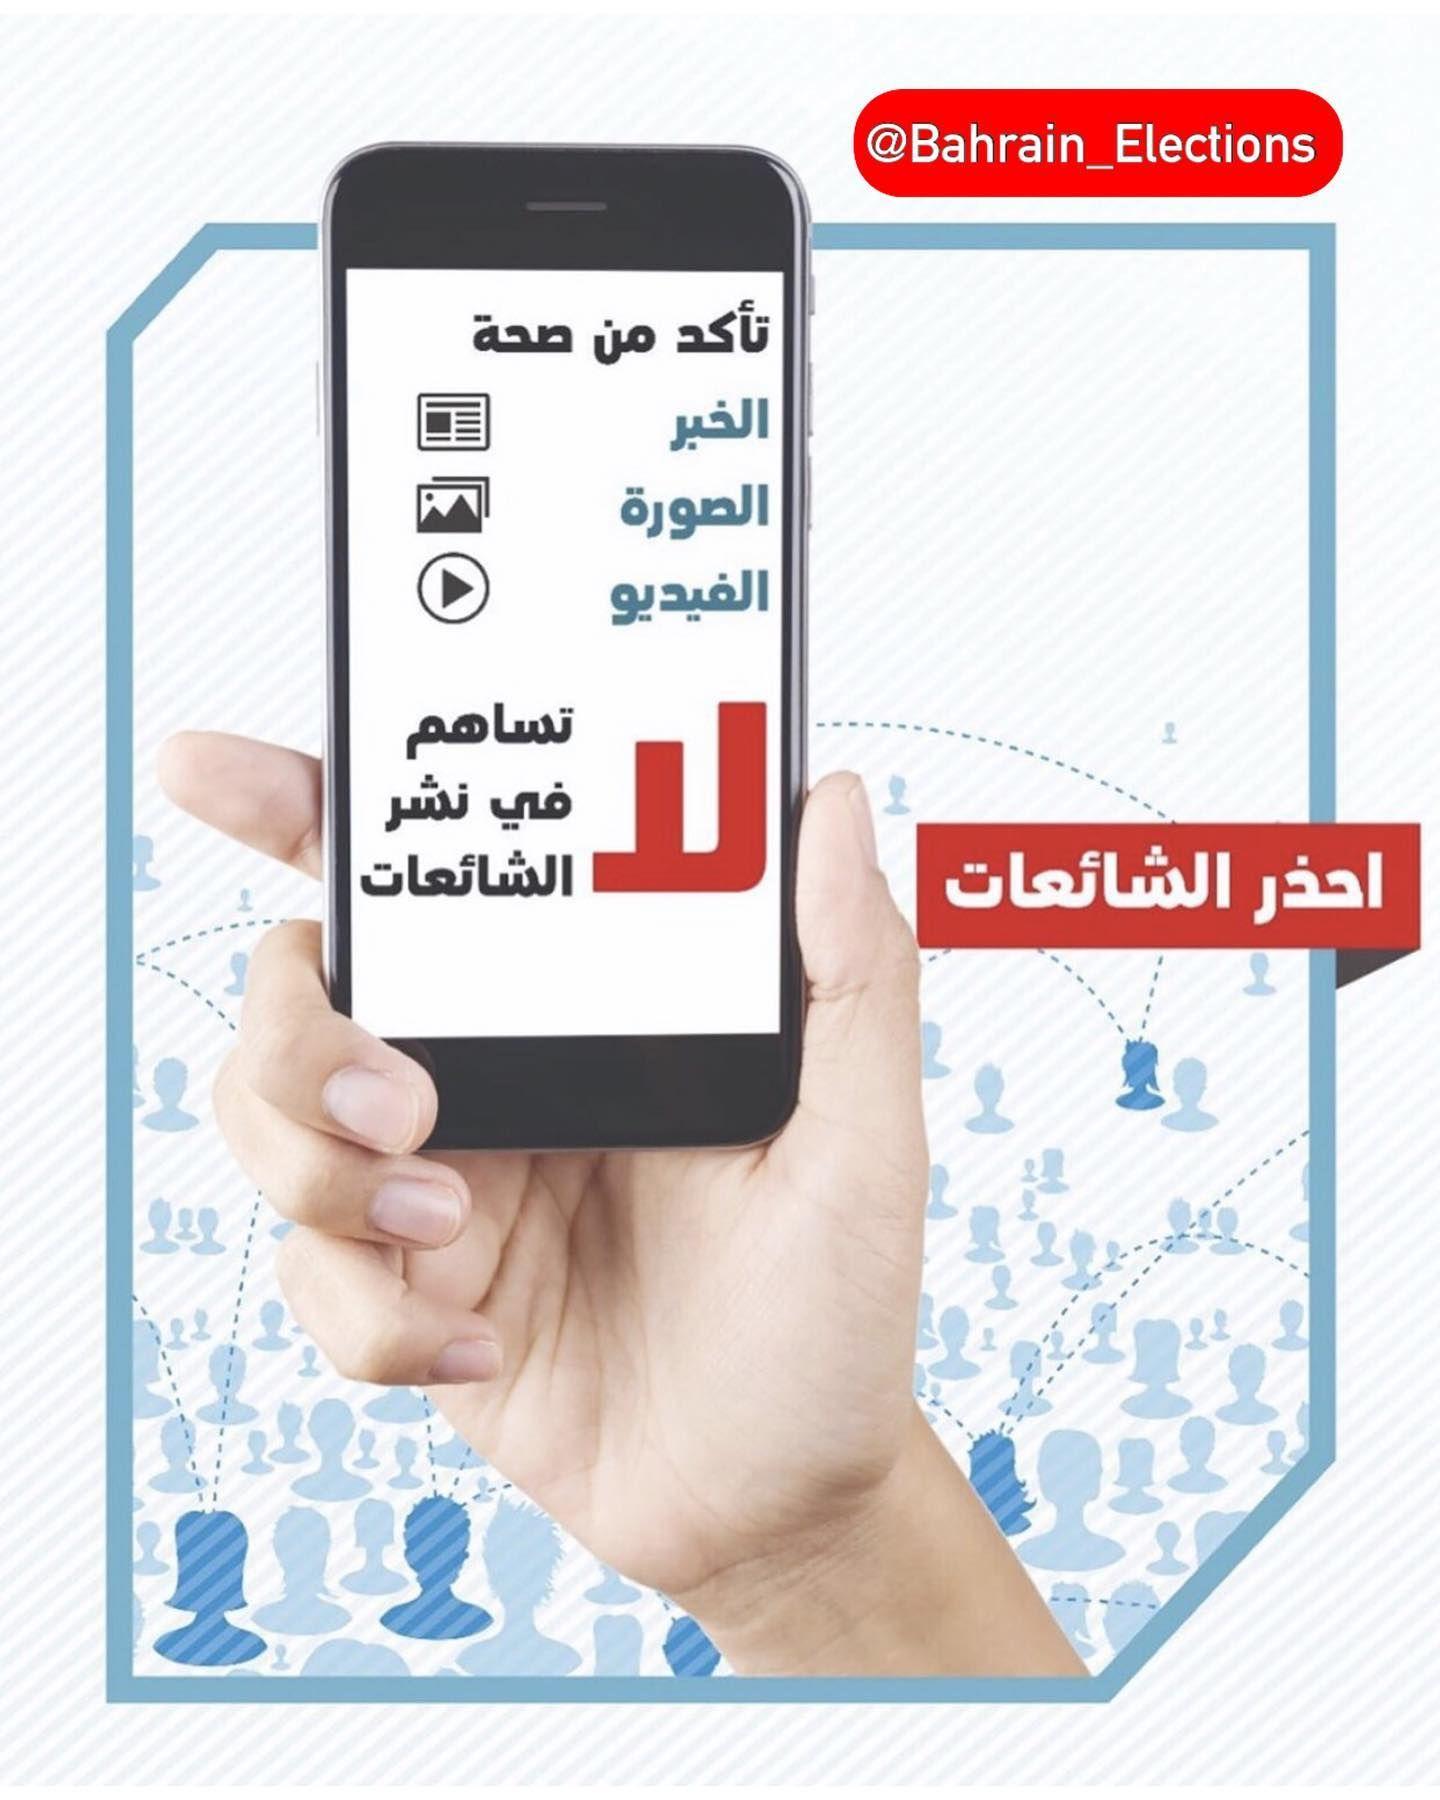 أحذر الشائعات تأكد من صحة الخبر الصورة الفيديو لاتساهم فــي نشر الشائعات اضغط على اللايك دعما لنا Bahr Bahrain Election Electronic Products